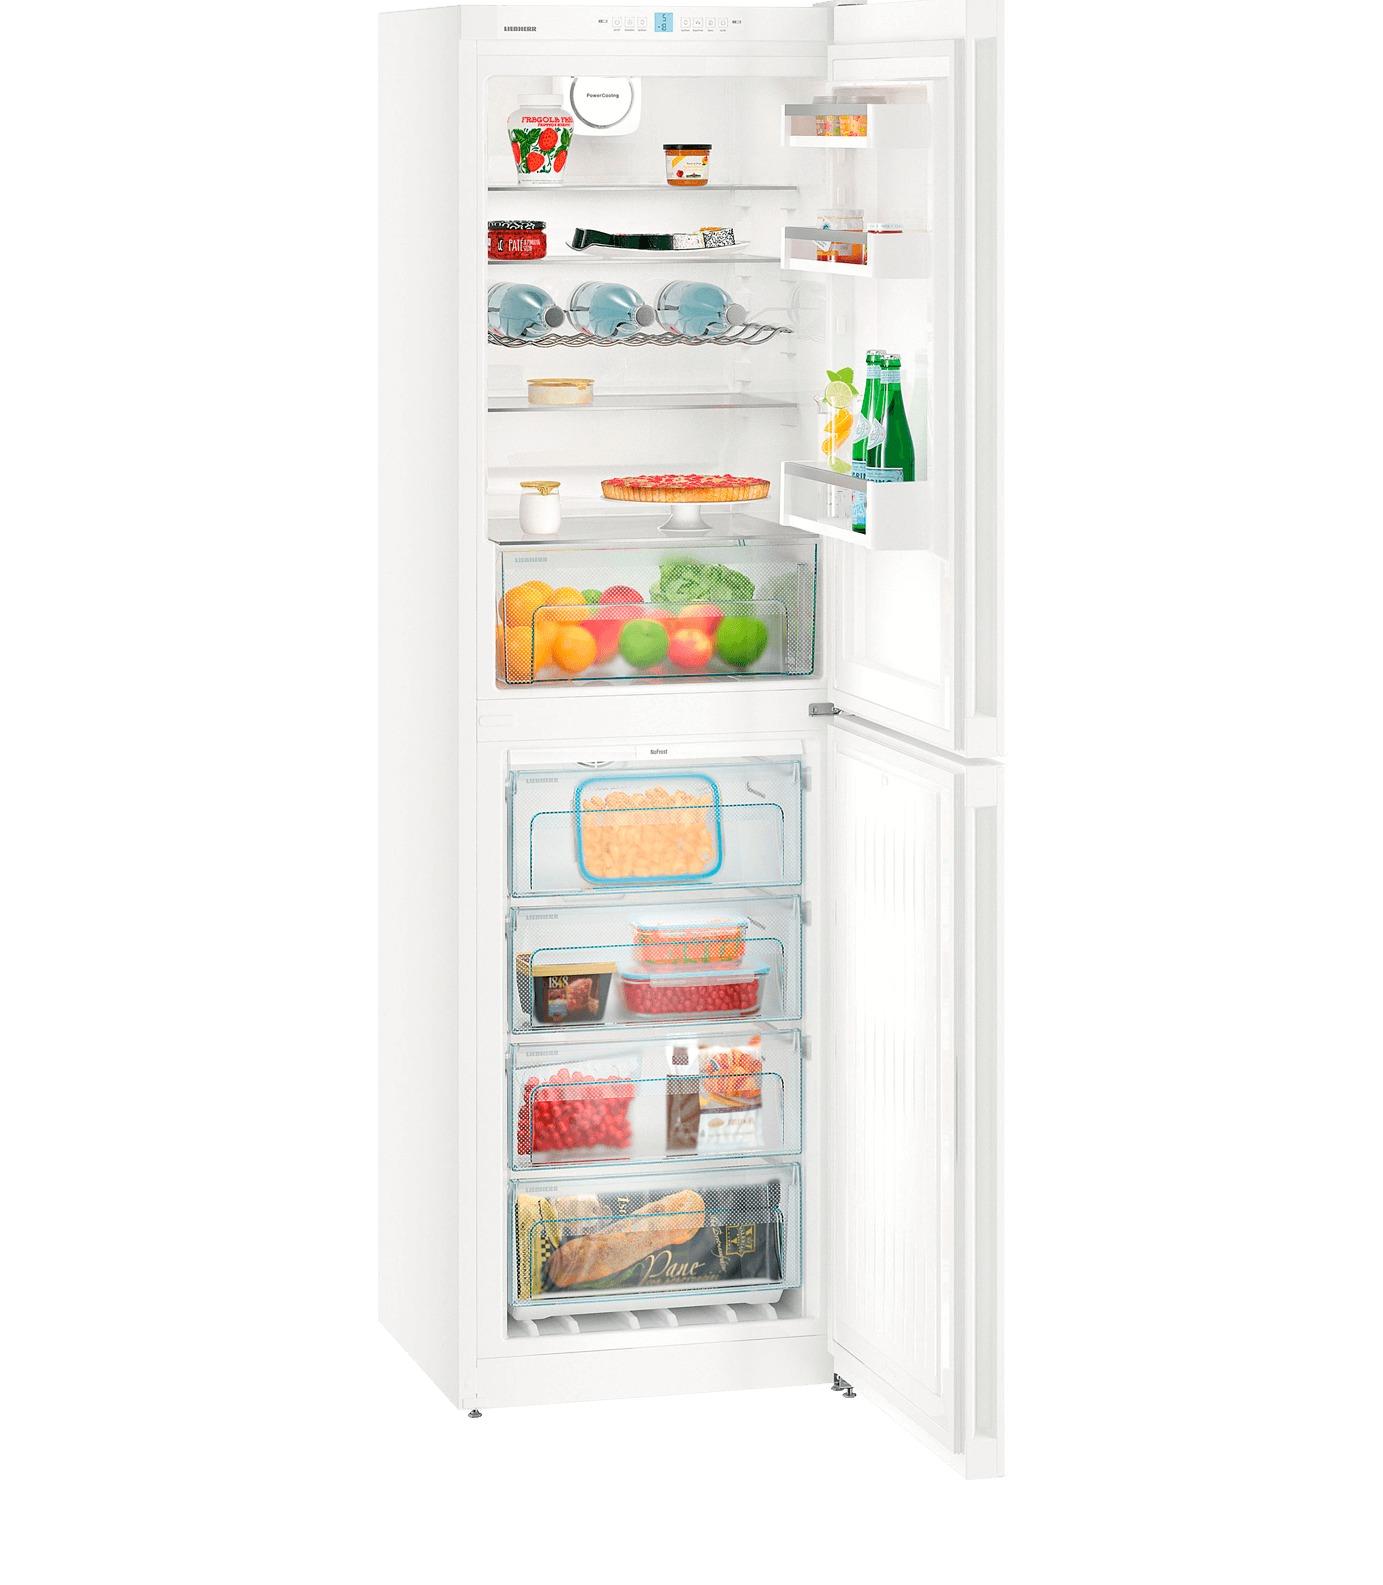 Liebherr CN 4713-22 koelkast met vriesvak - Prijsvergelijk